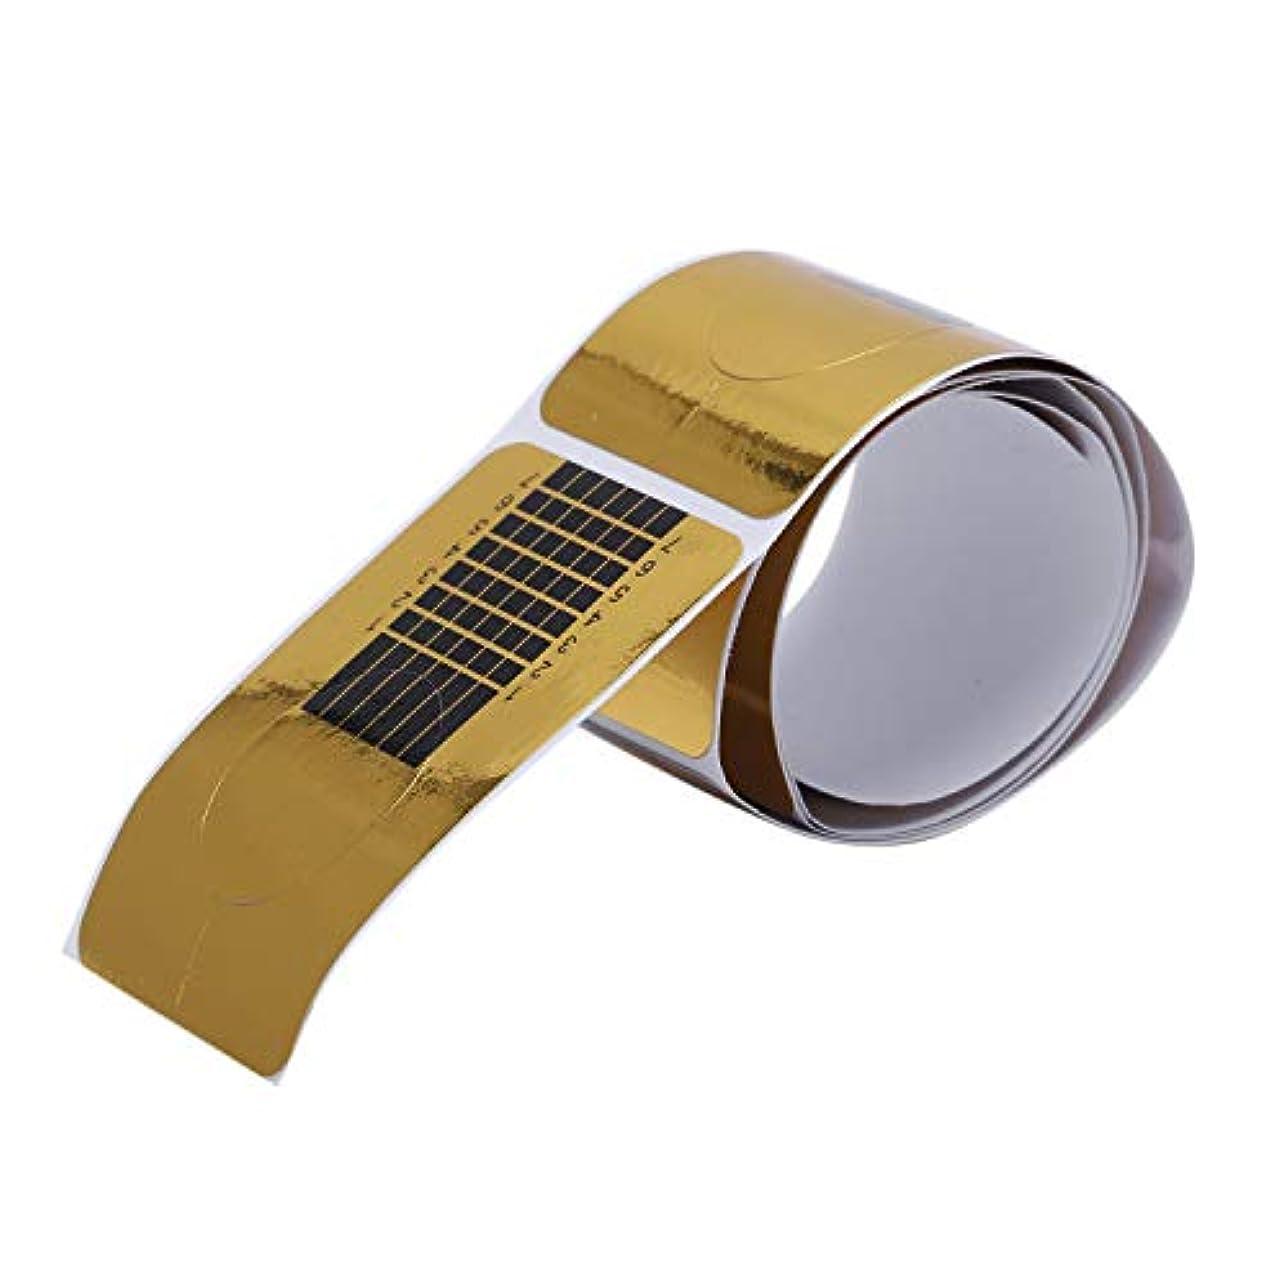 再生吹きさらし暫定upperx 100x ゴールデンのネイルのカバー、DIYツール